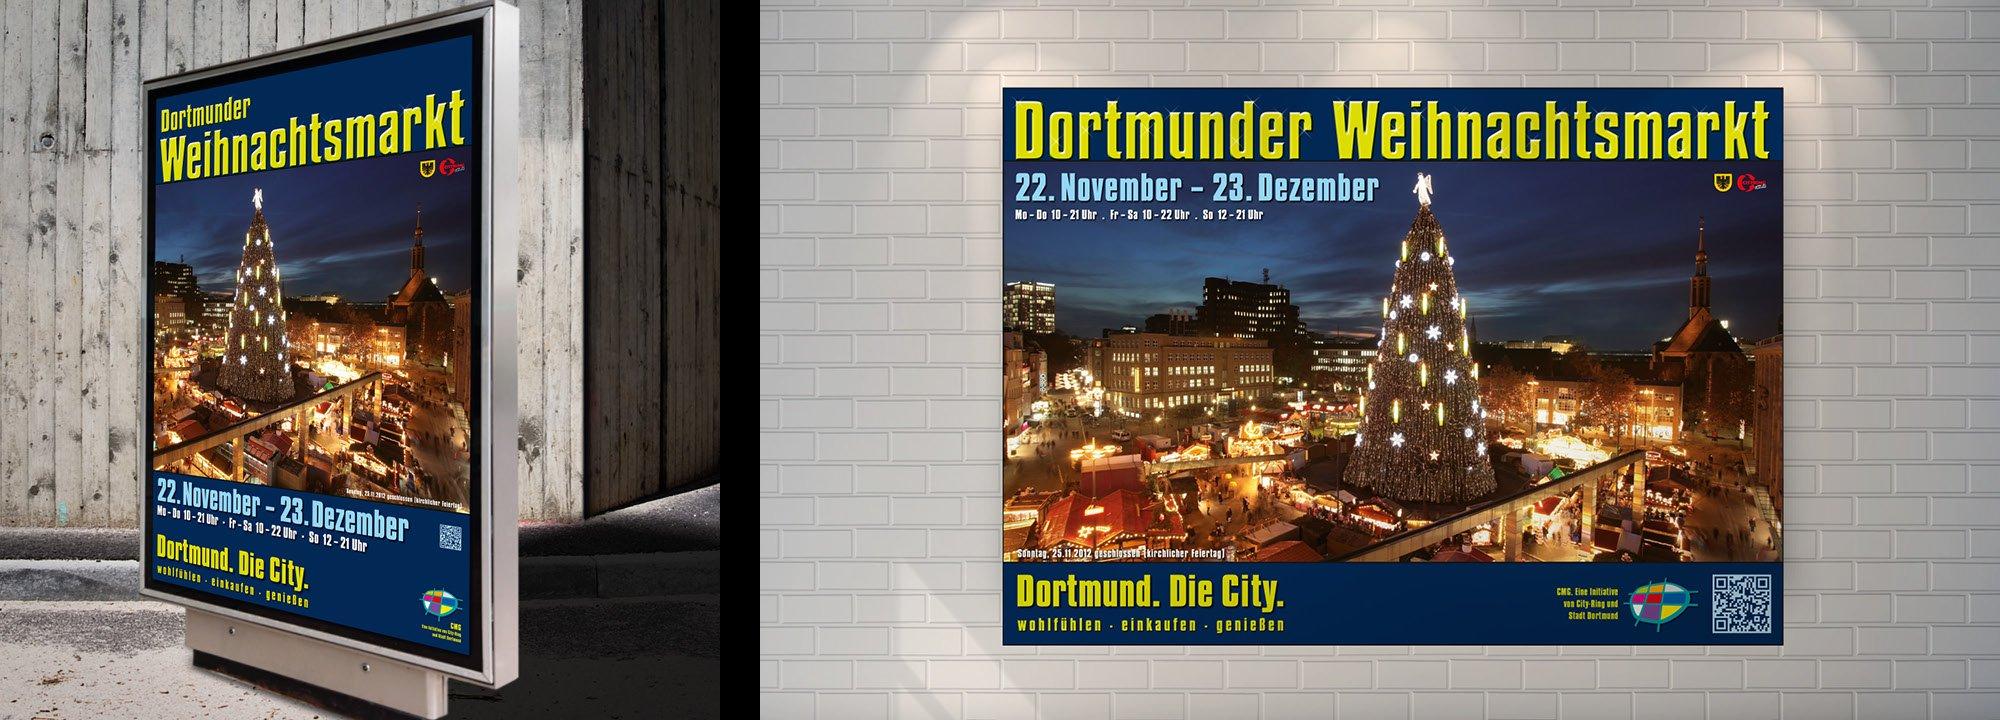 Corporate Design Relaunch Dortmunder Weihnachtsmarkt 2012